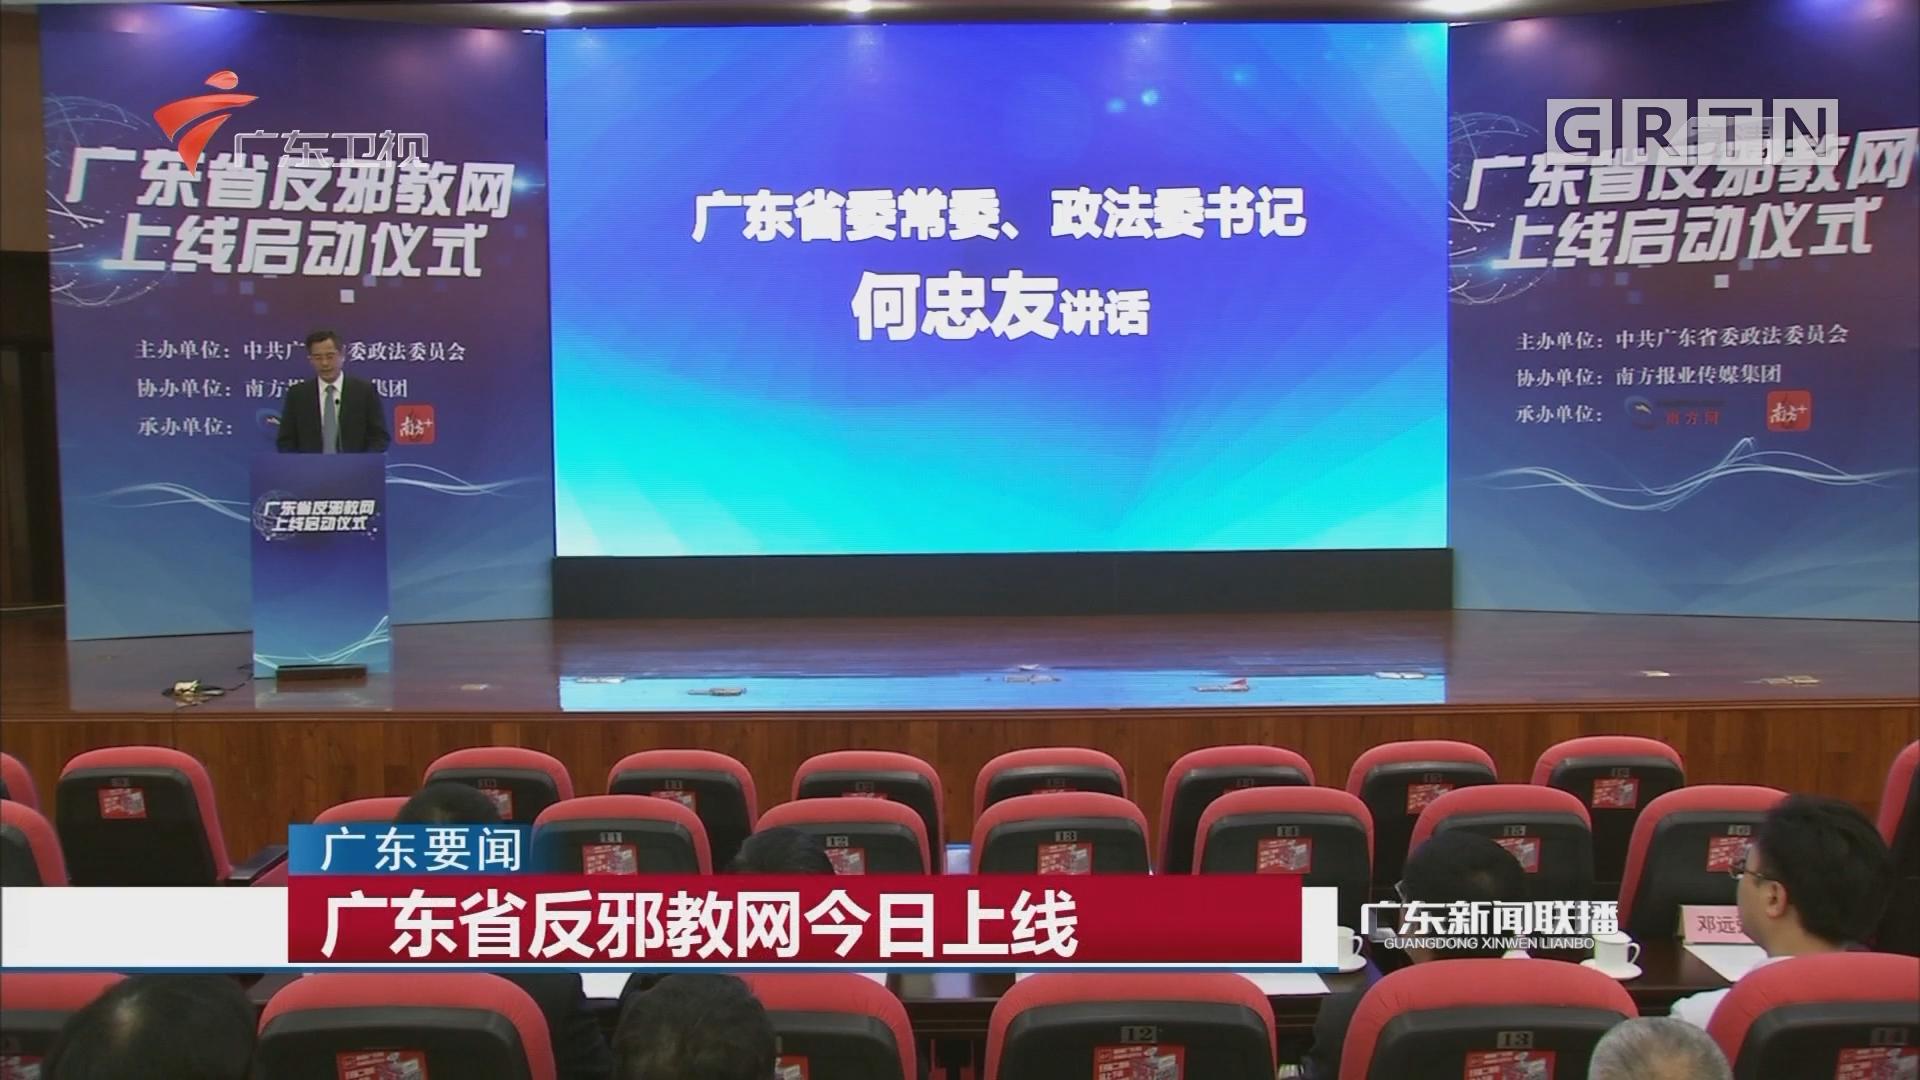 广东省反邪教网今日上线